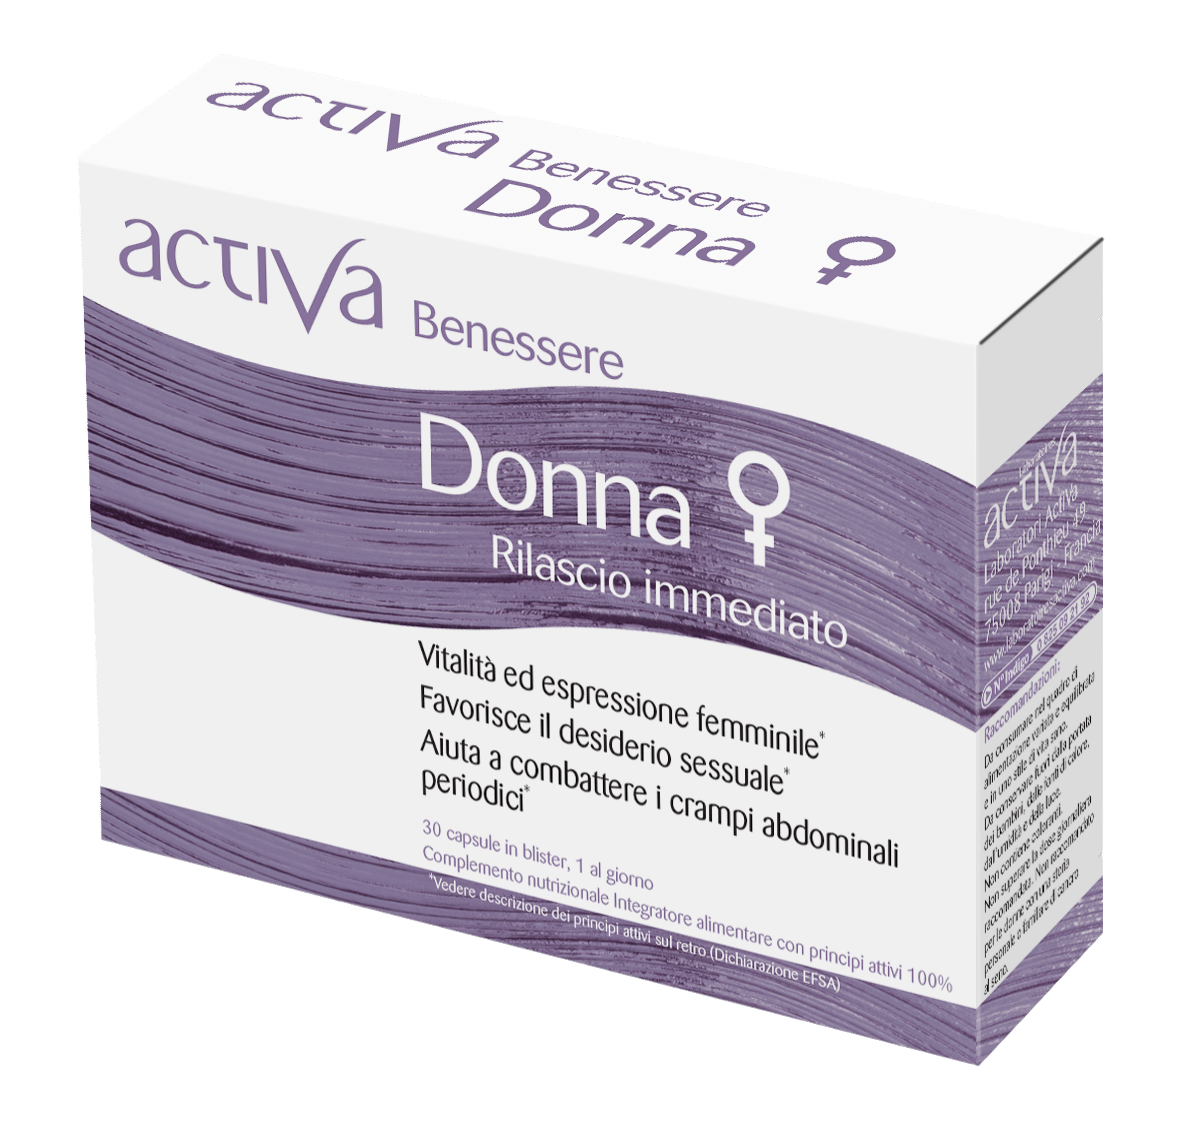 Benessere Donna